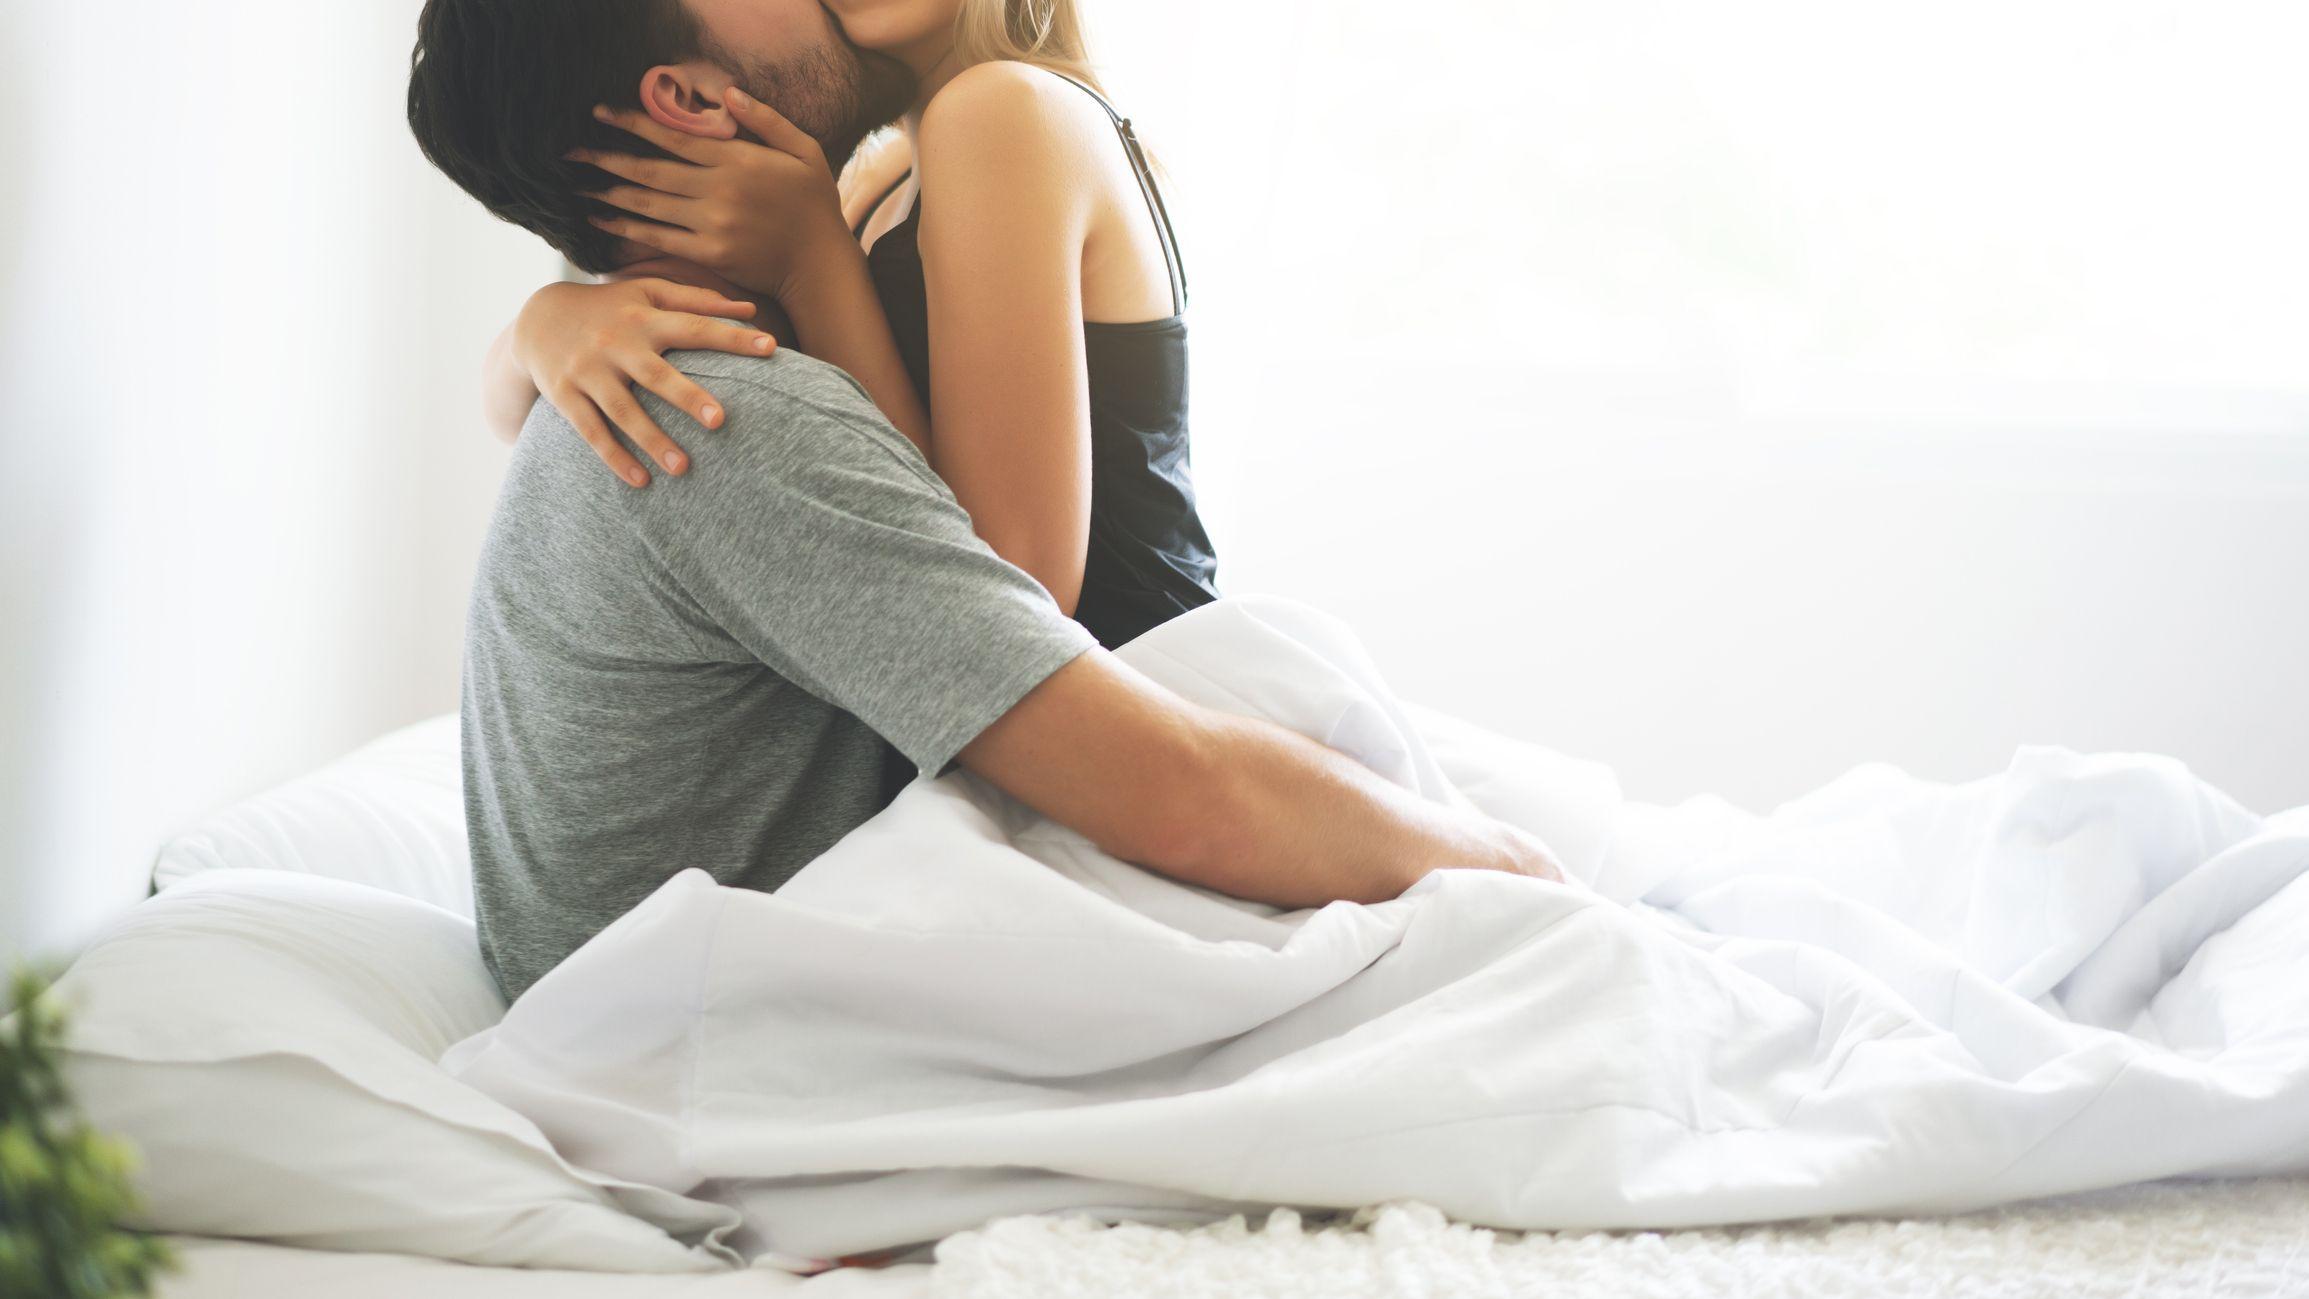 Beste online sex nettsted 2014